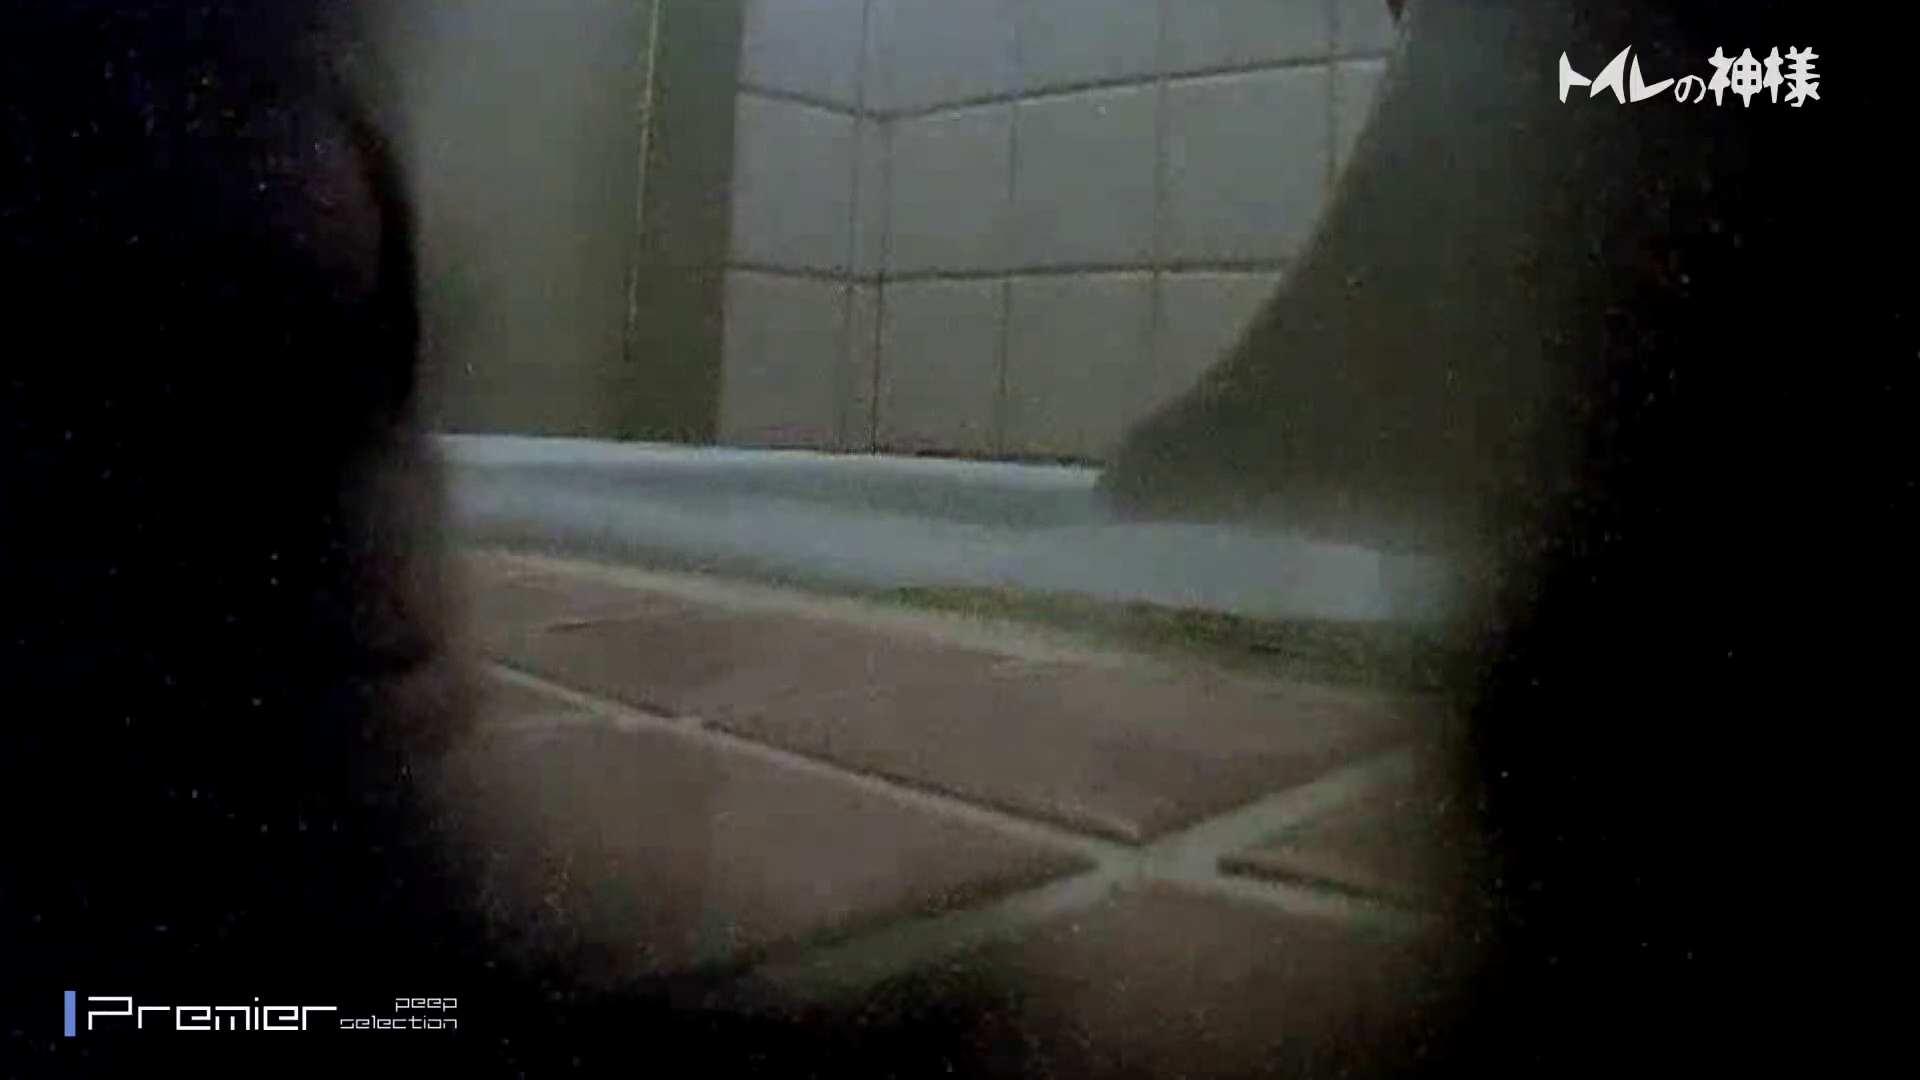 kyouko排泄 うんこをたくさん集めました。トイレの神様 Vol.14 OLの実態 盗撮動画紹介 53pic 42